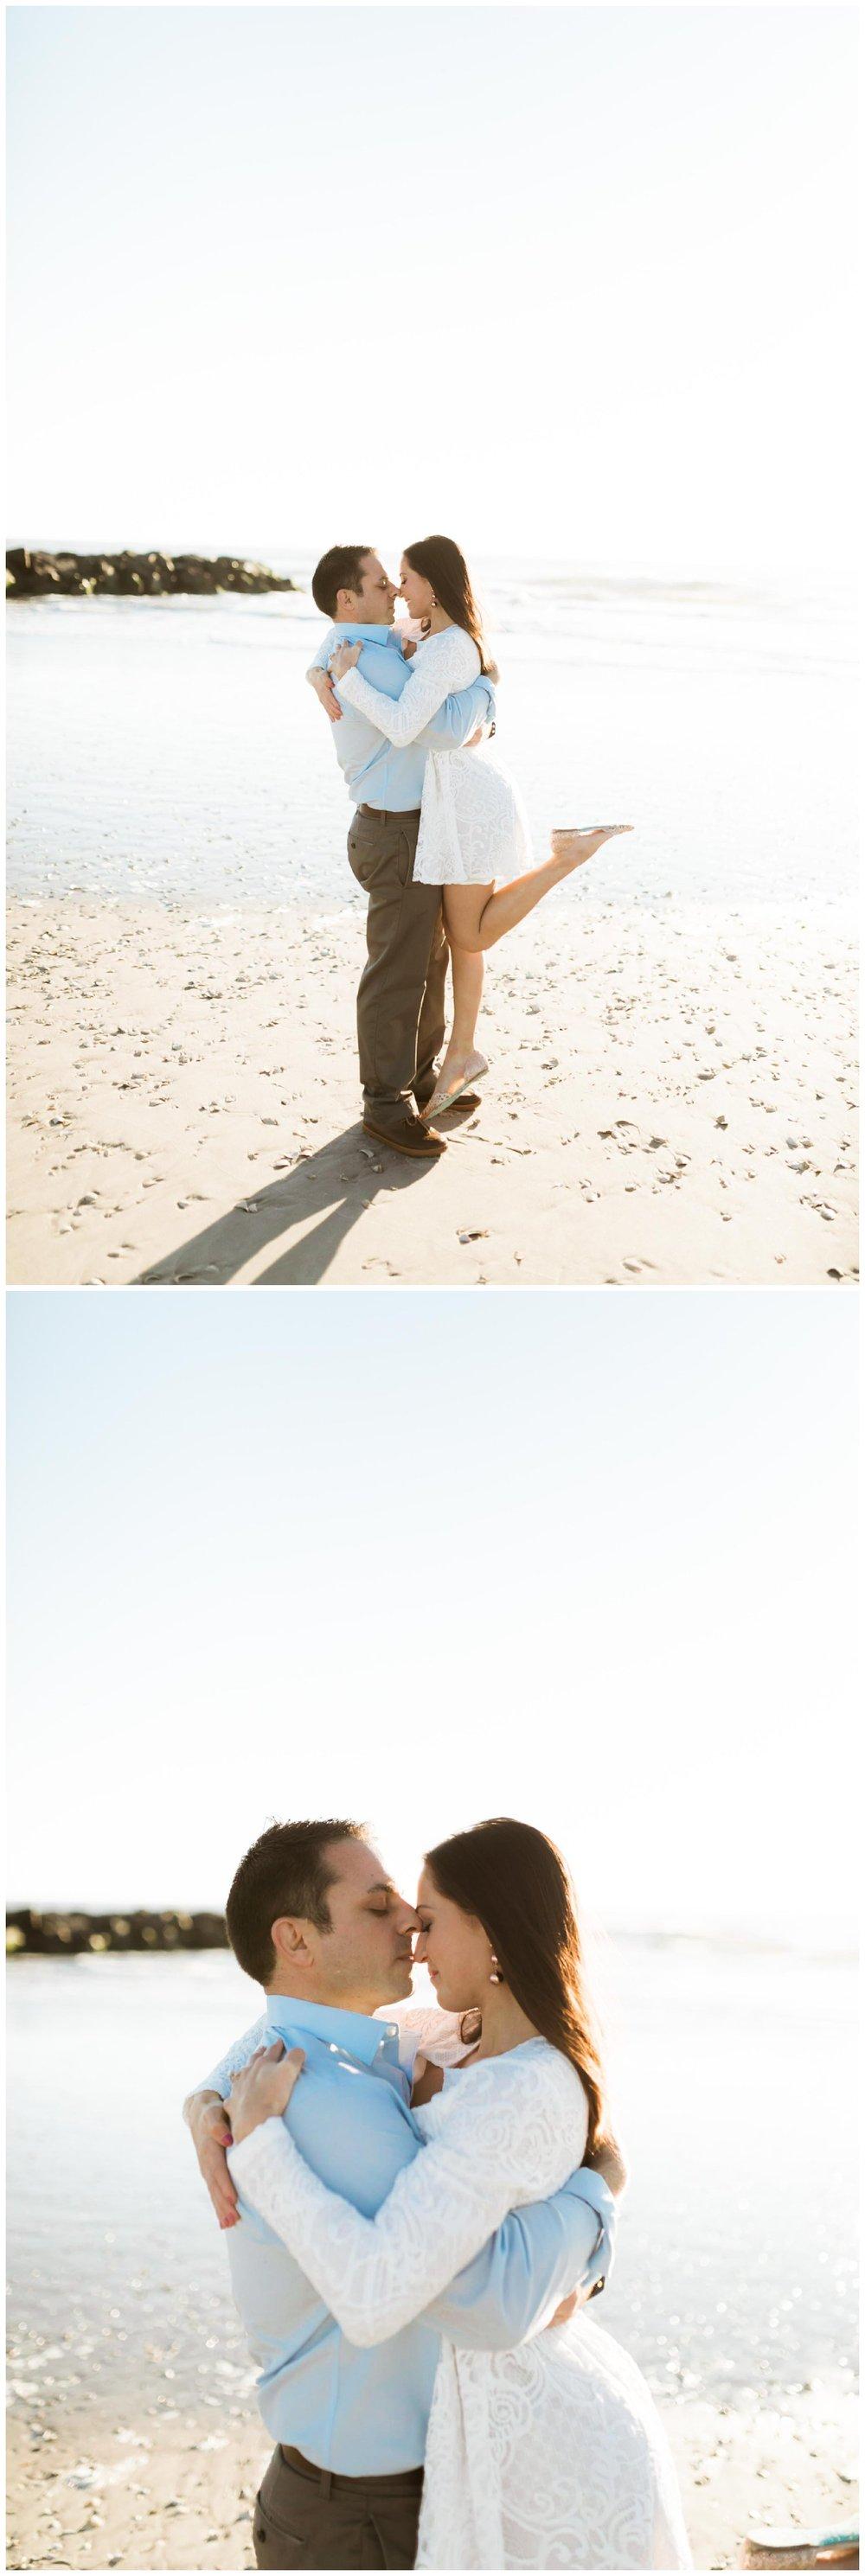 CarissaandJoe_NewJerseyEngagement_Engagement_OceanCity_NJ_Wedding_Photographer_MagdalenaStudios_0410.jpg